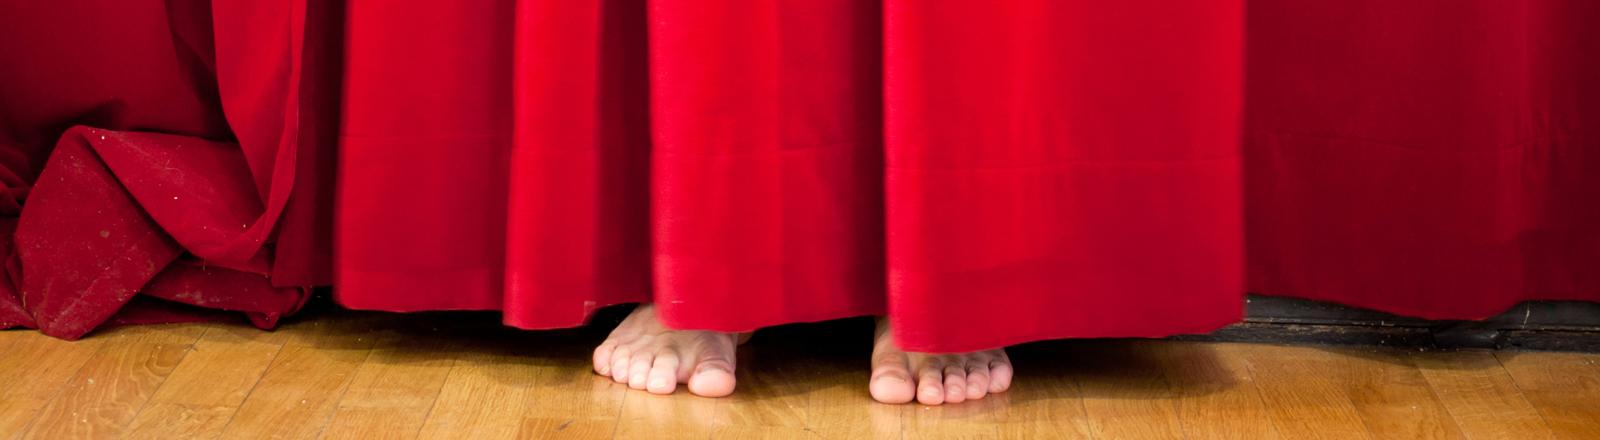 Roter Theatervorhang, unter dem ein paar nackte Füße hervorschauen.